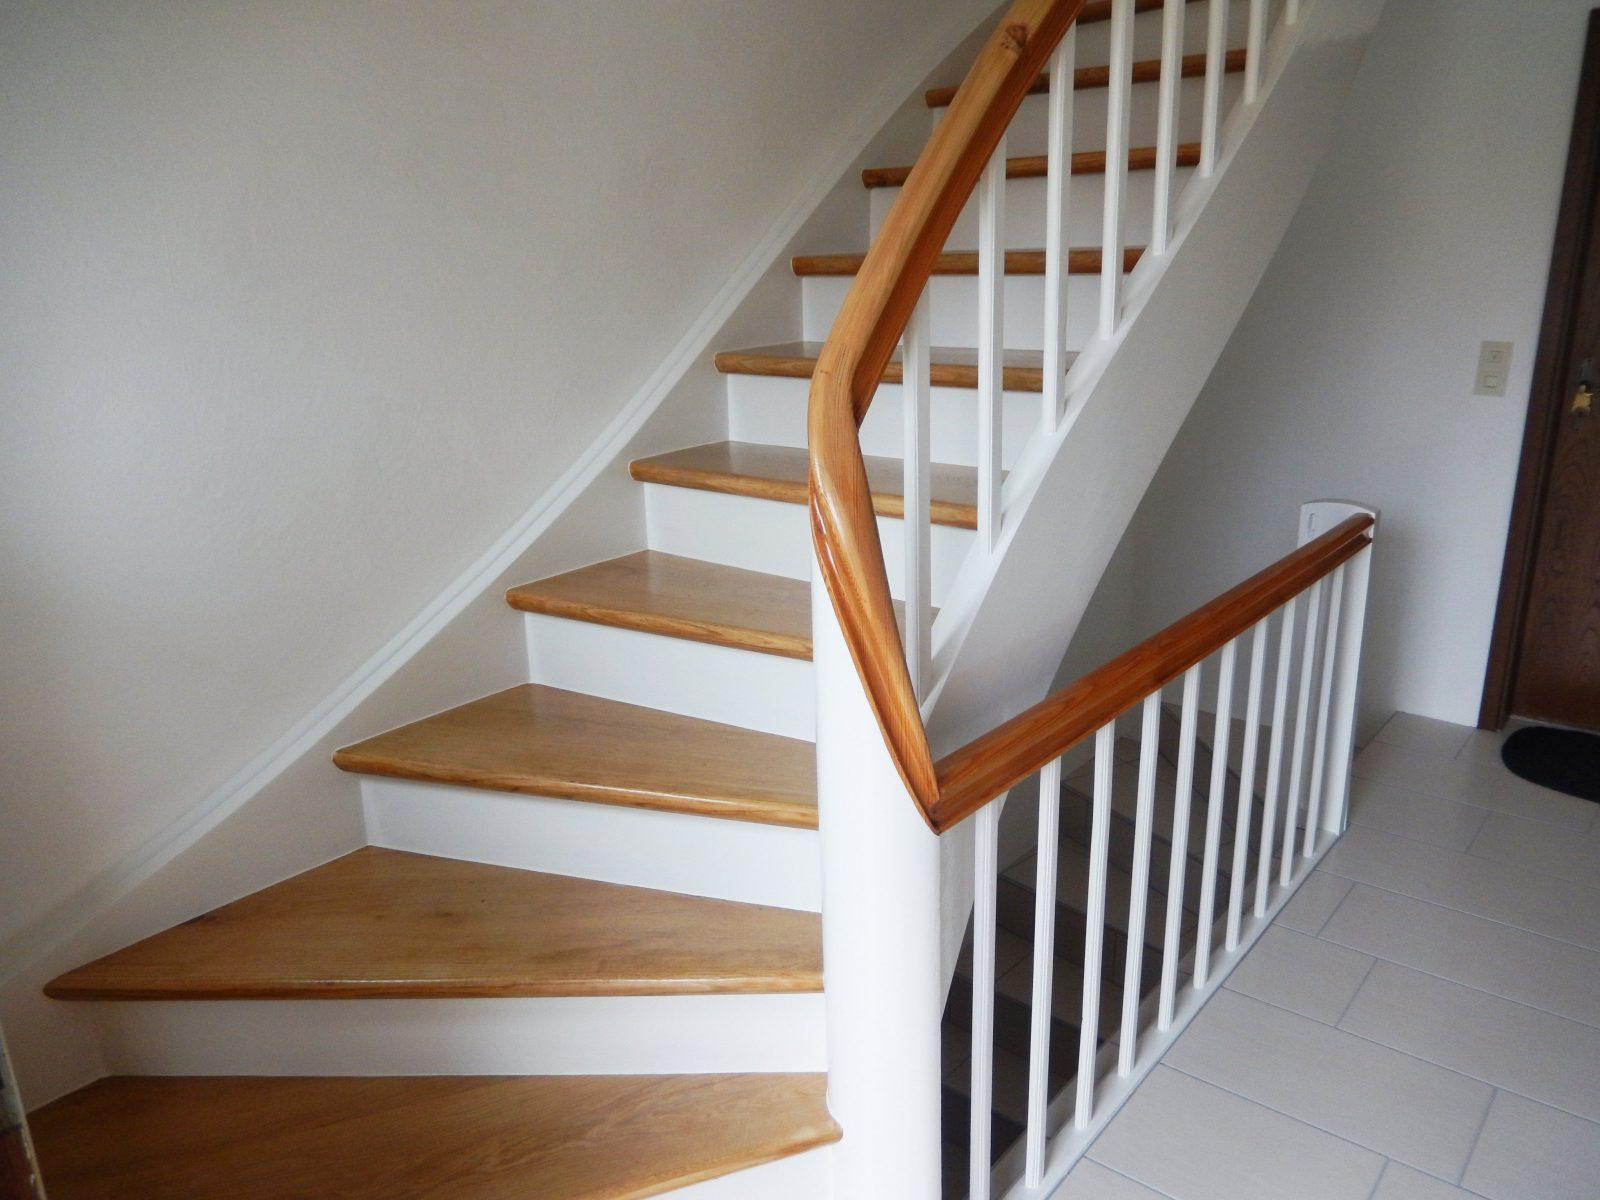 Faszinierend Alte Holztreppe Streichen Treppe Abschleifen Und von Holztreppe Streichen Welcher Lack Bild